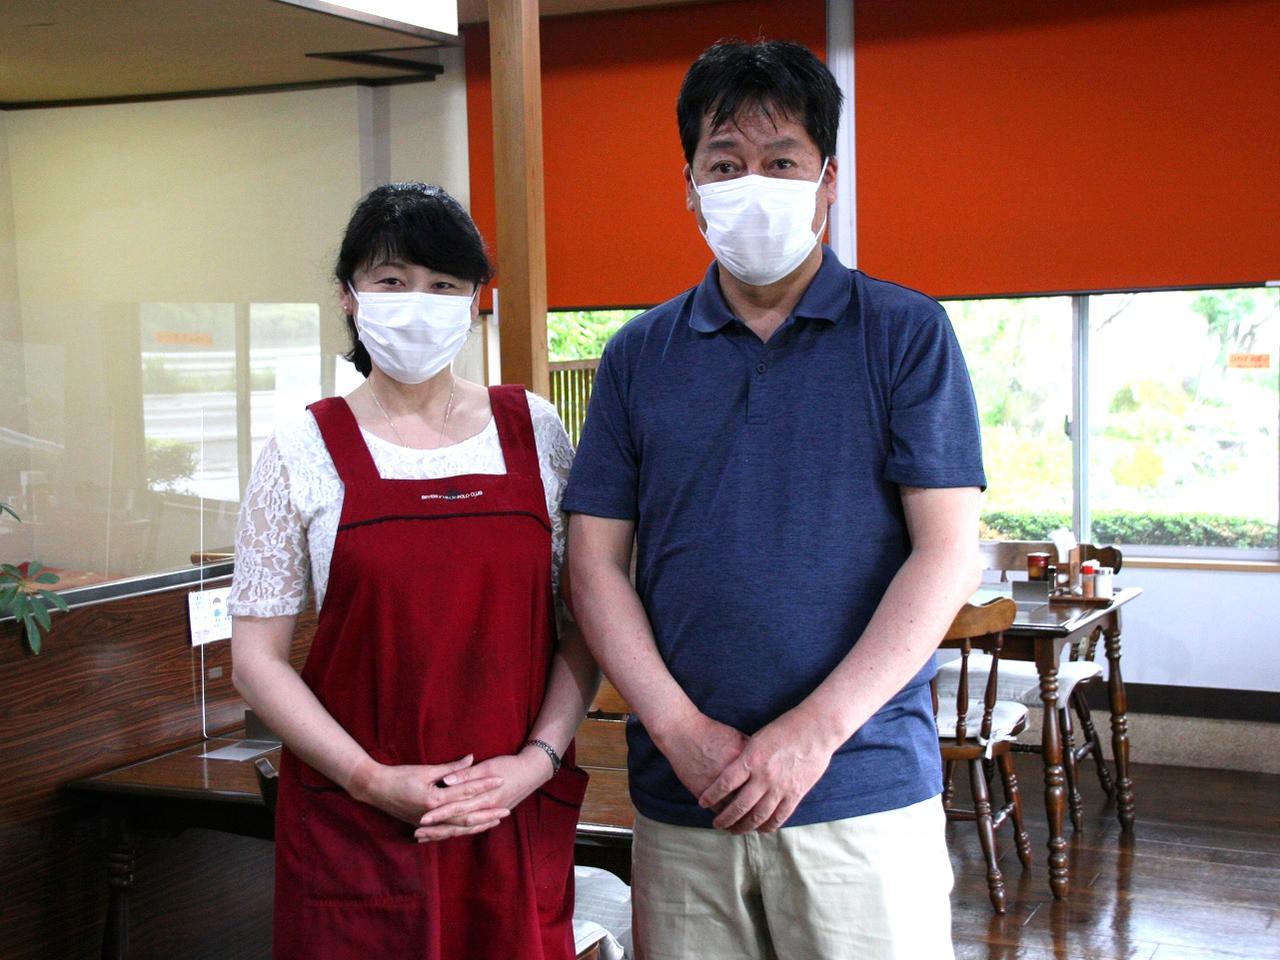 画像: 地元に戻って店舗を継いだ竹元明人さんと奥様